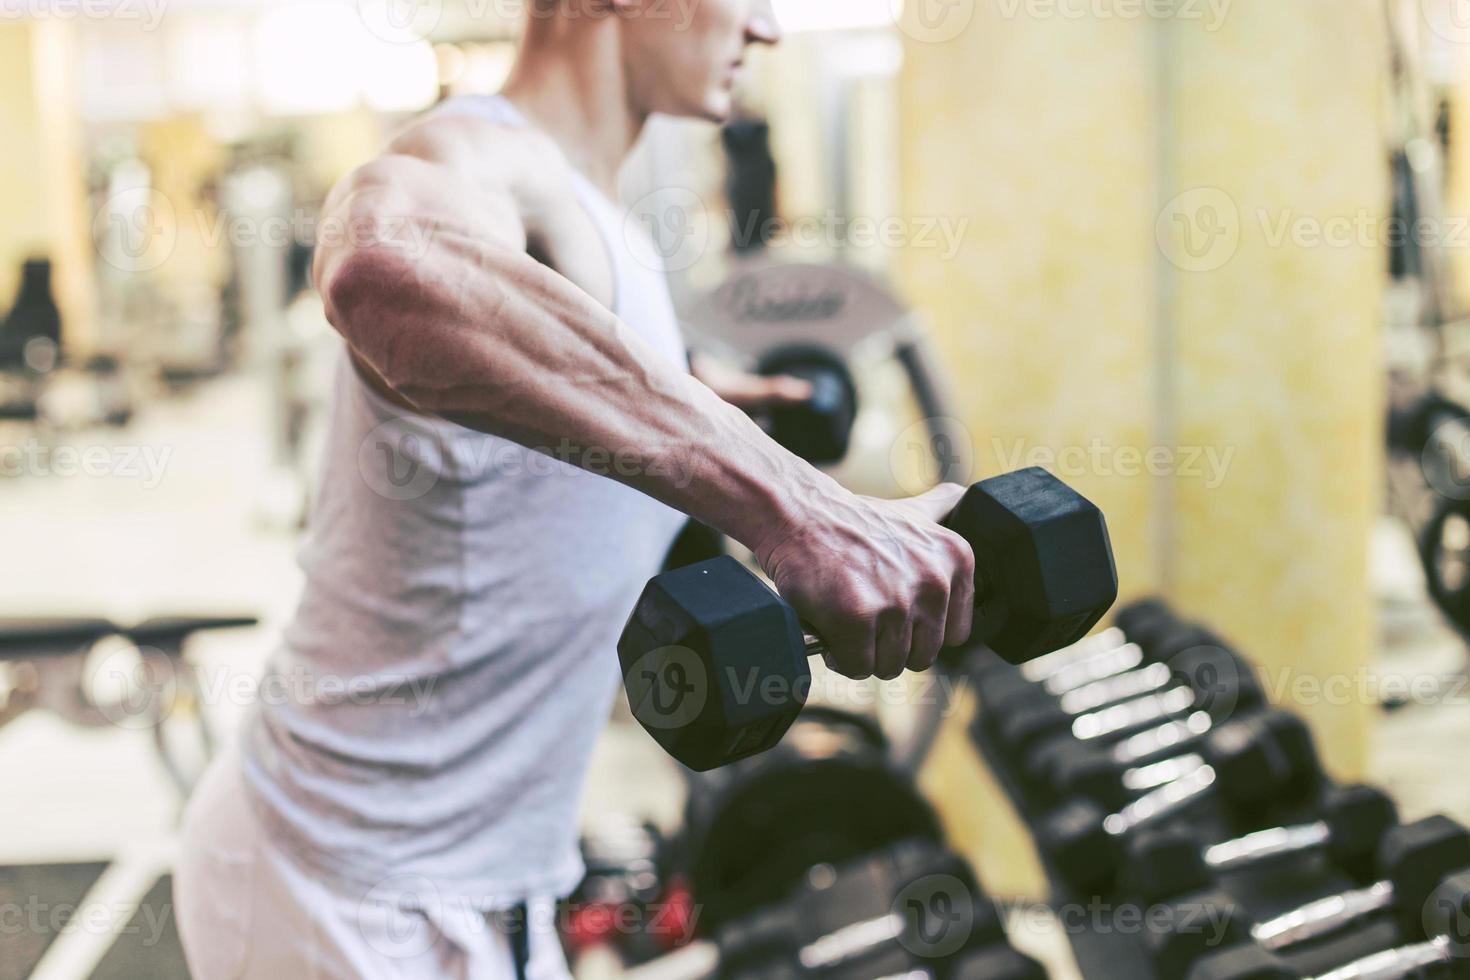 muskulöser Bodybuilder, der Übungen mit Hanteln im Fitnessstudio macht foto